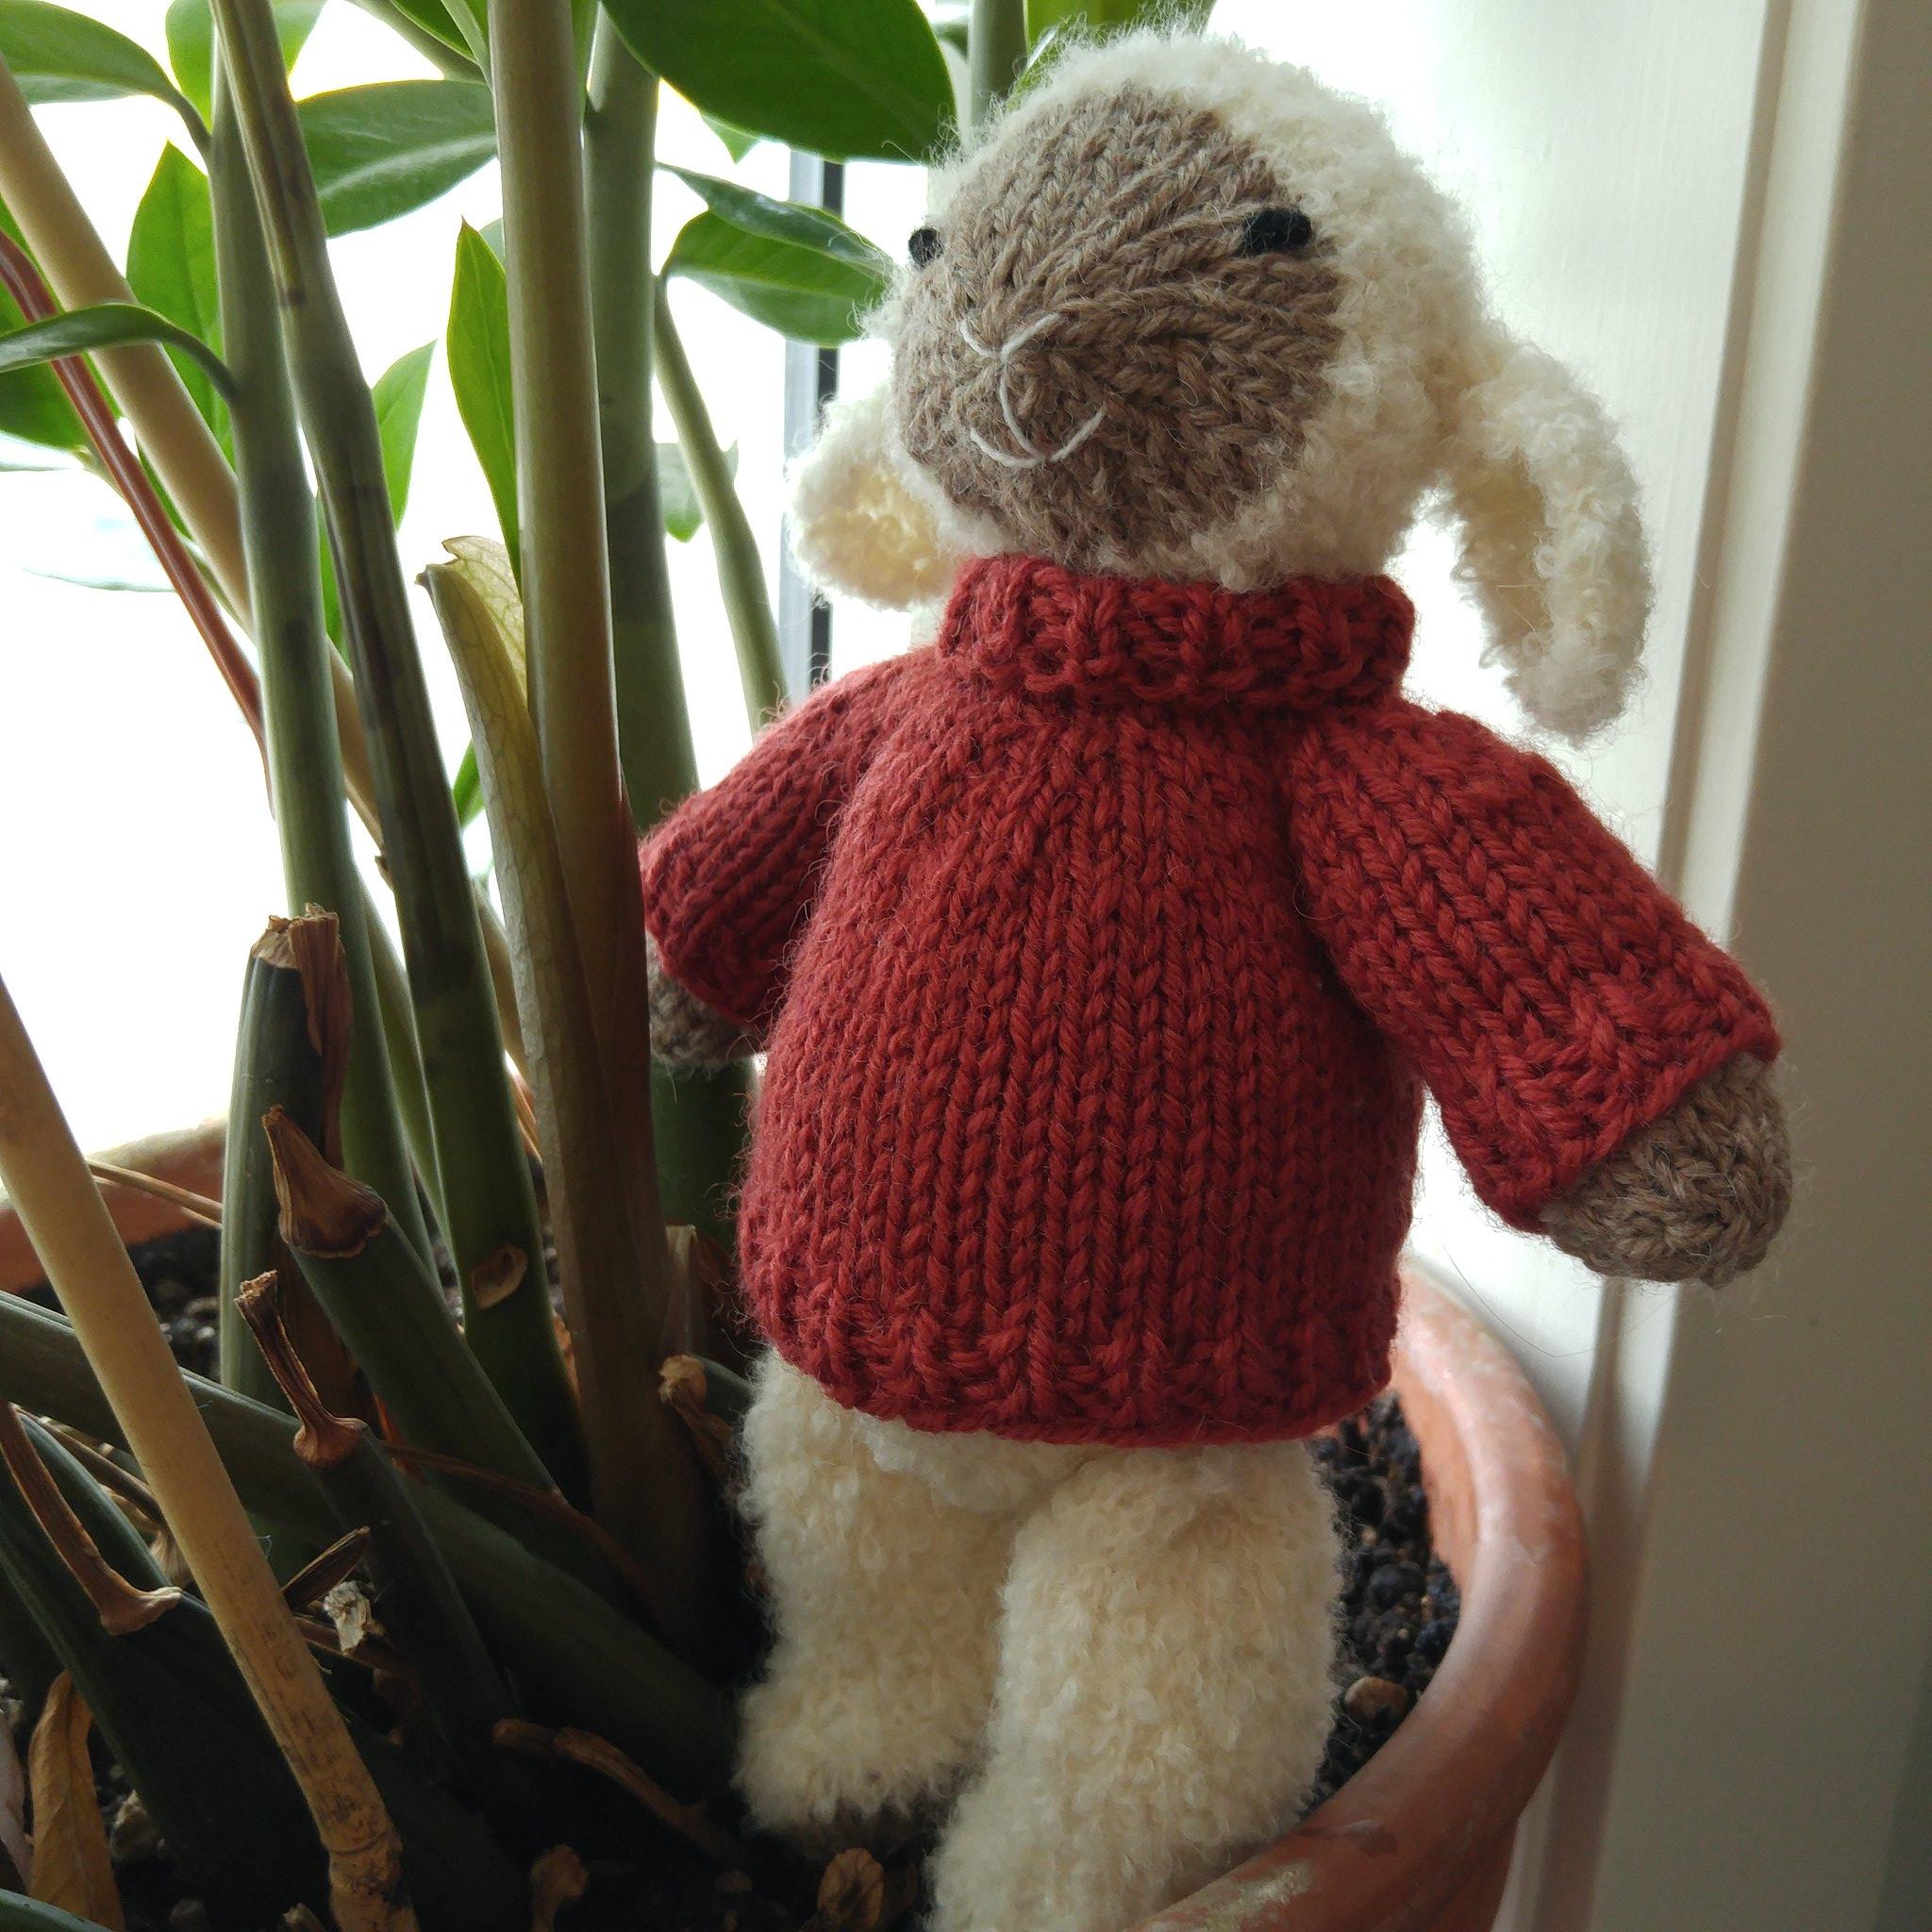 fo: Basil the Lamb